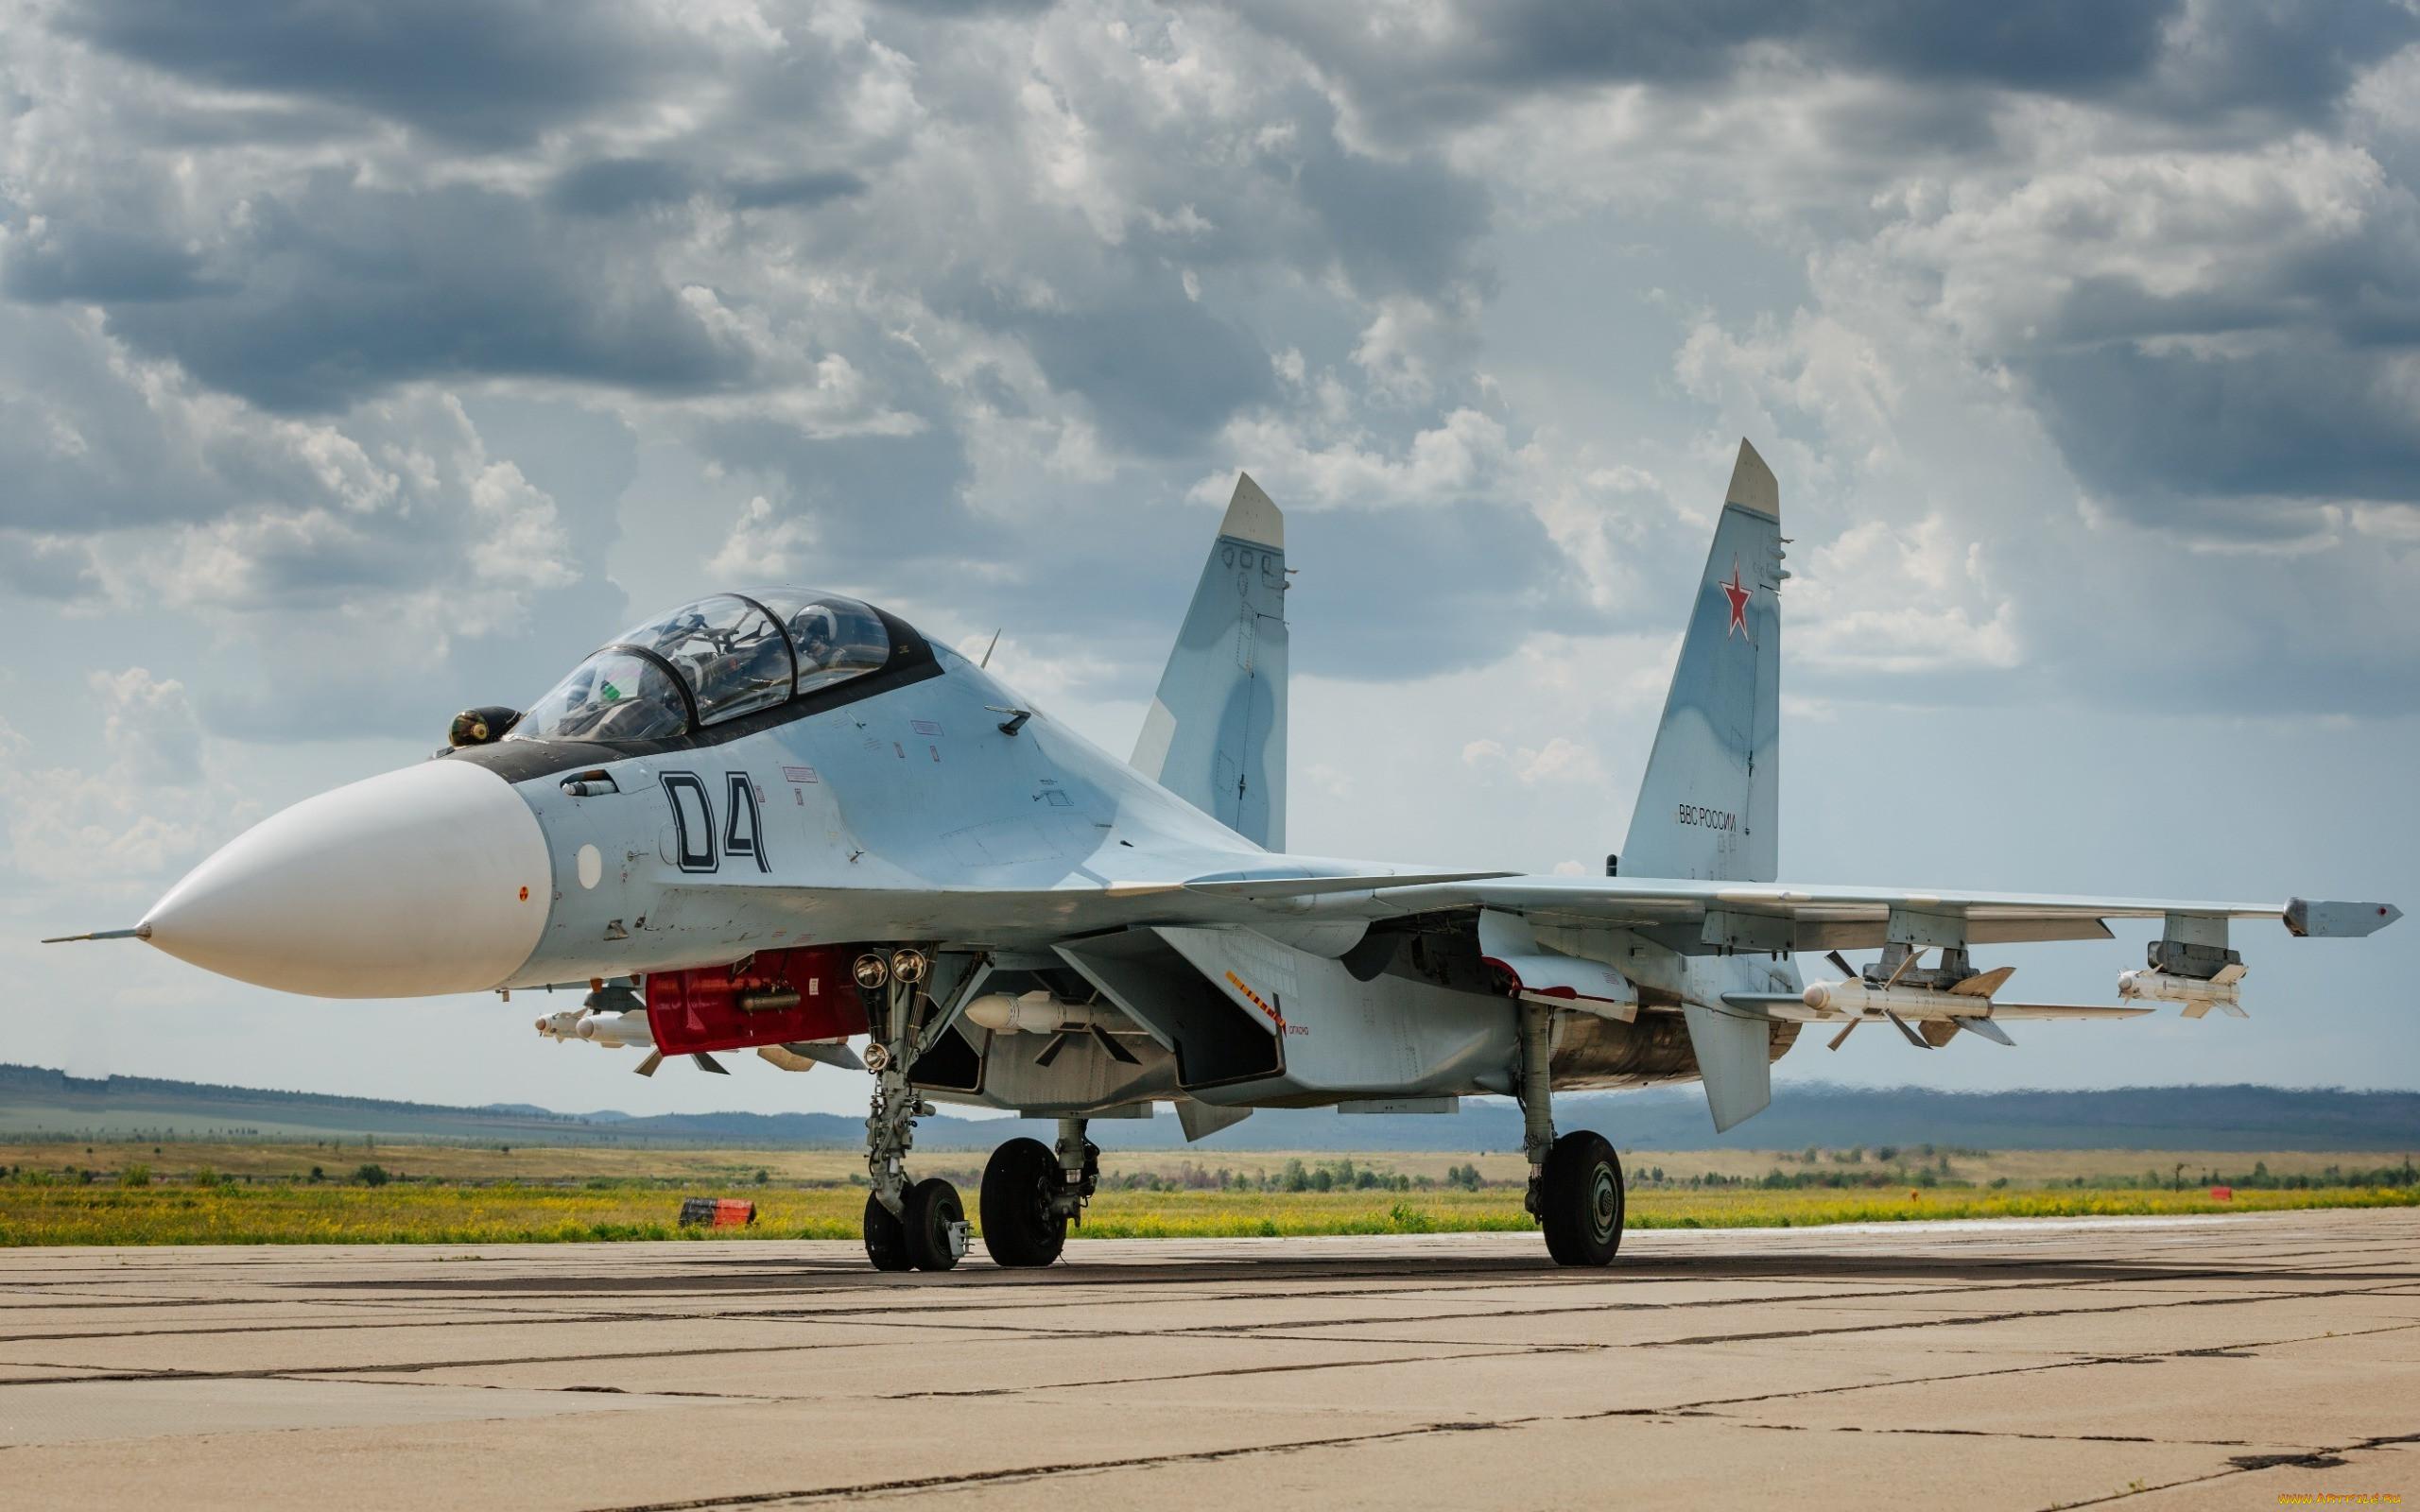 Обои двухместный, многоцелевой, российский. Авиация foto 13